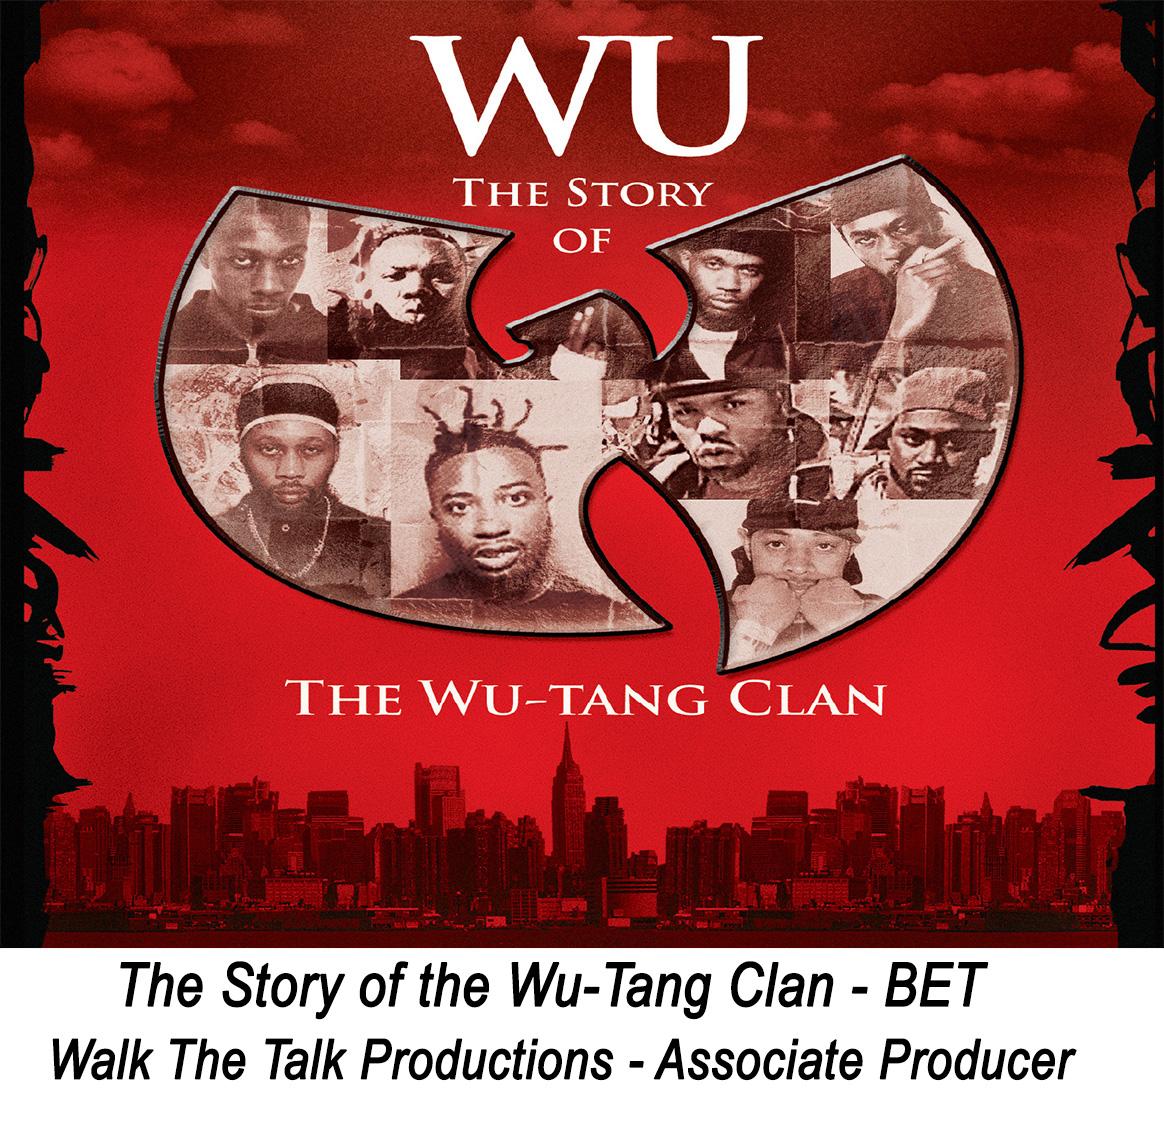 WTTWU2.jpg